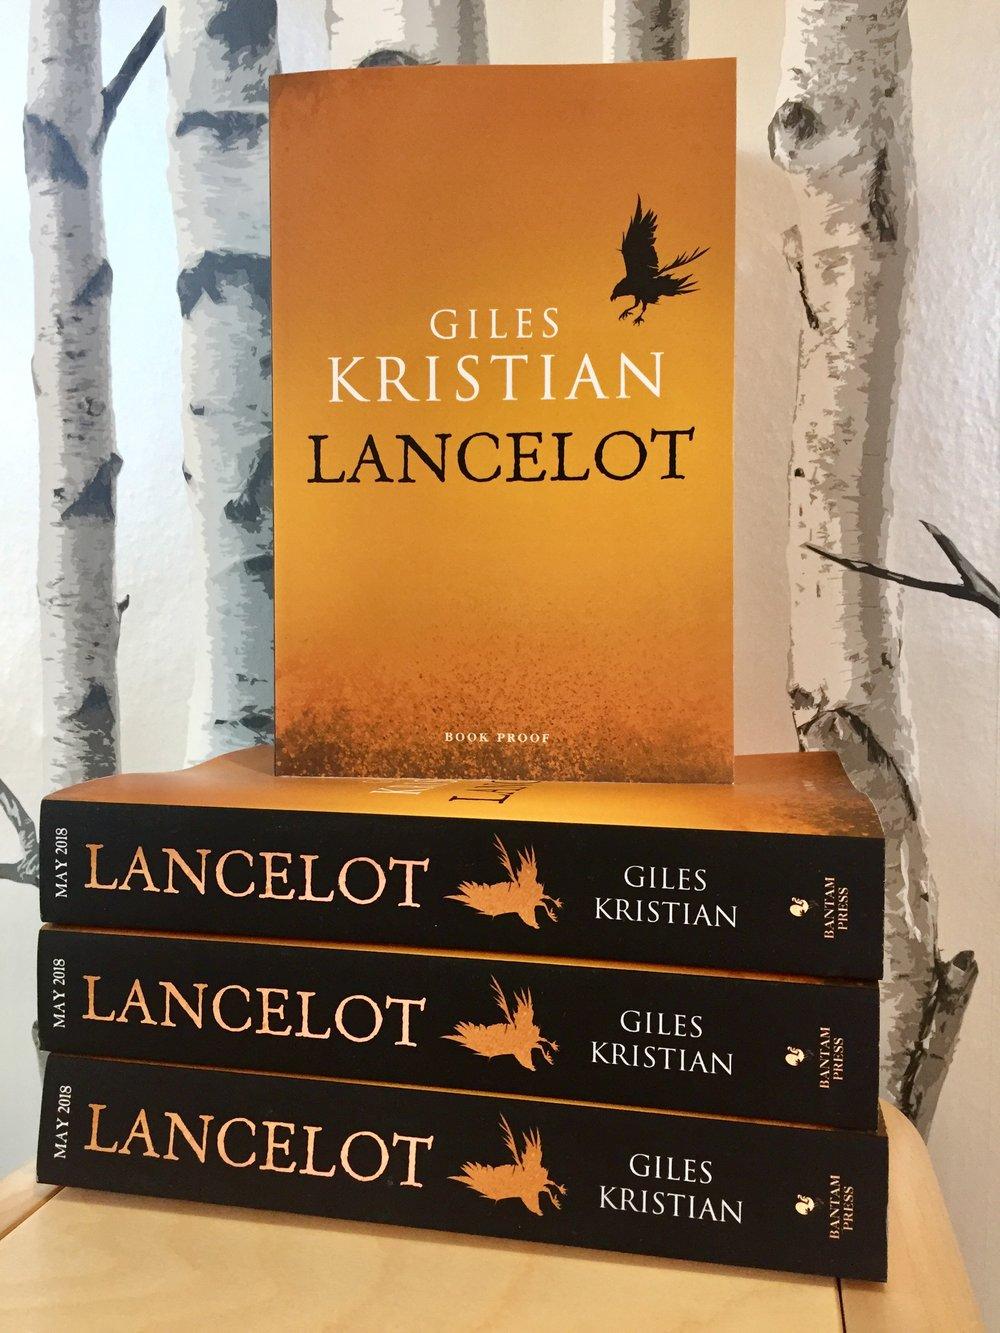 LancelotBookProof.jpg